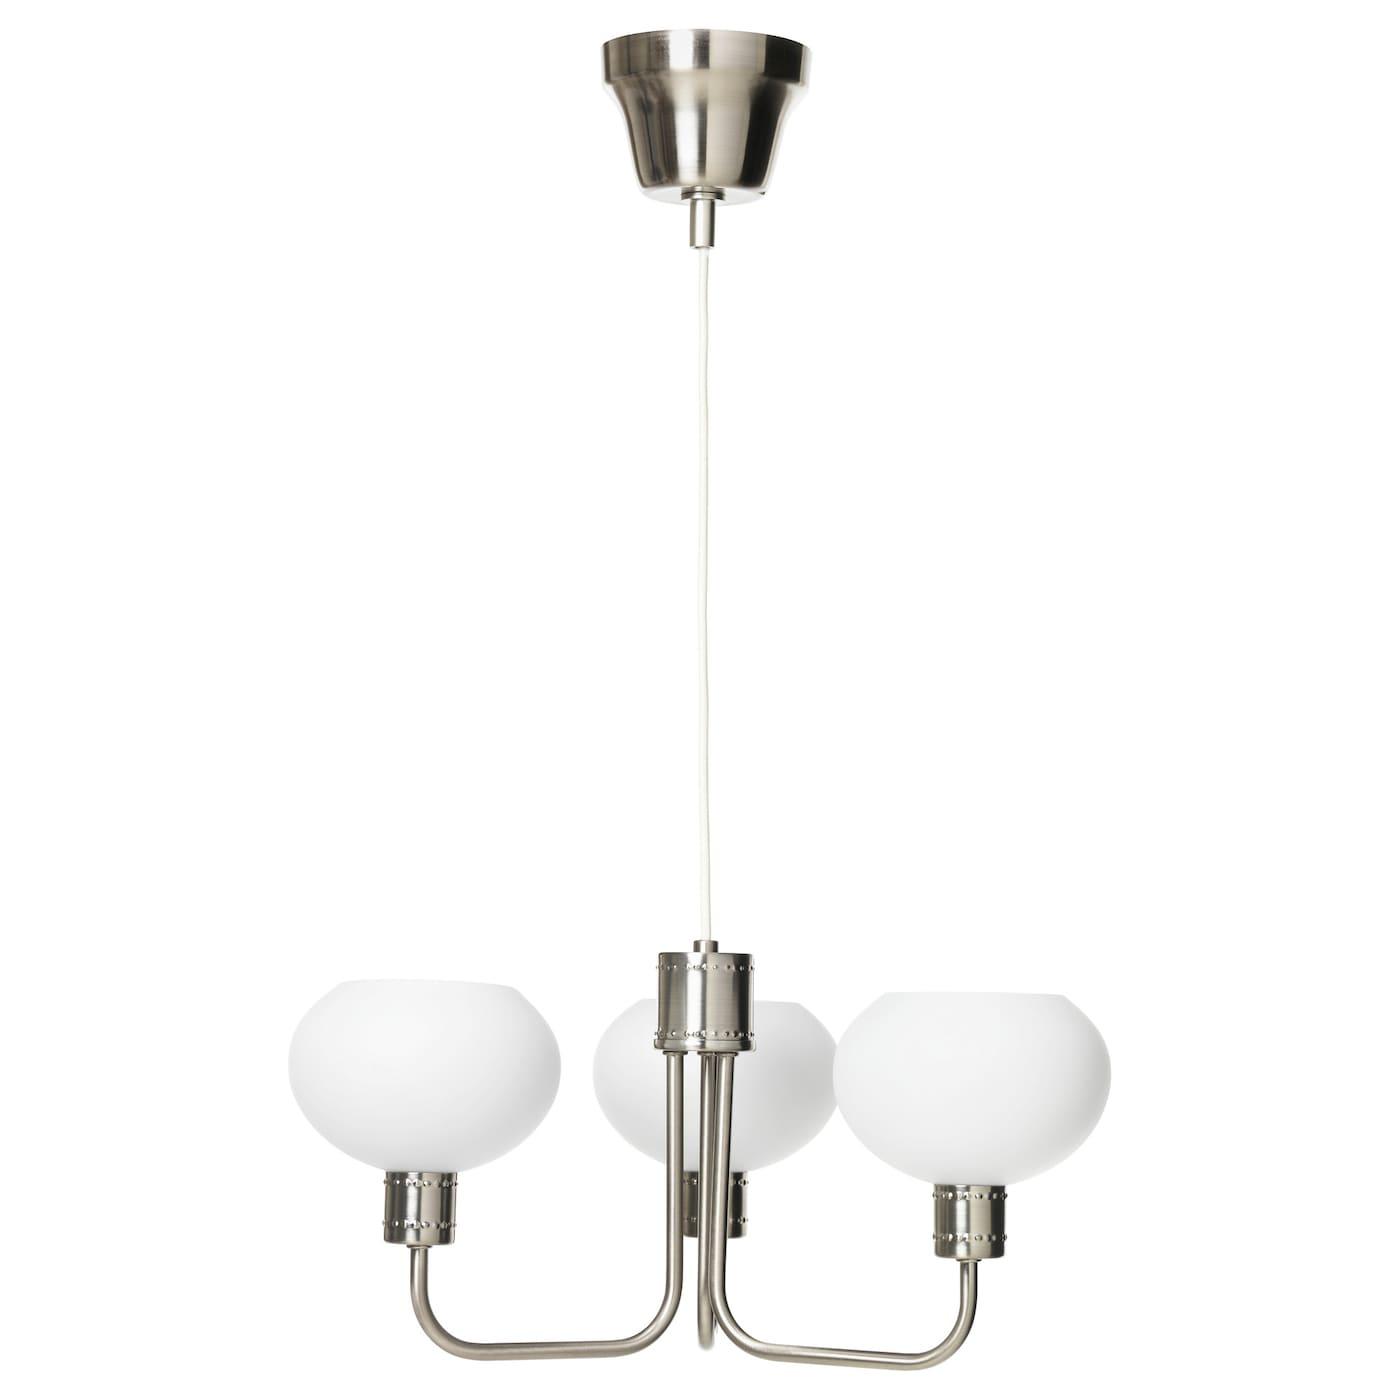 ikea kitchen pendant lights foto pendant l ikea ottava